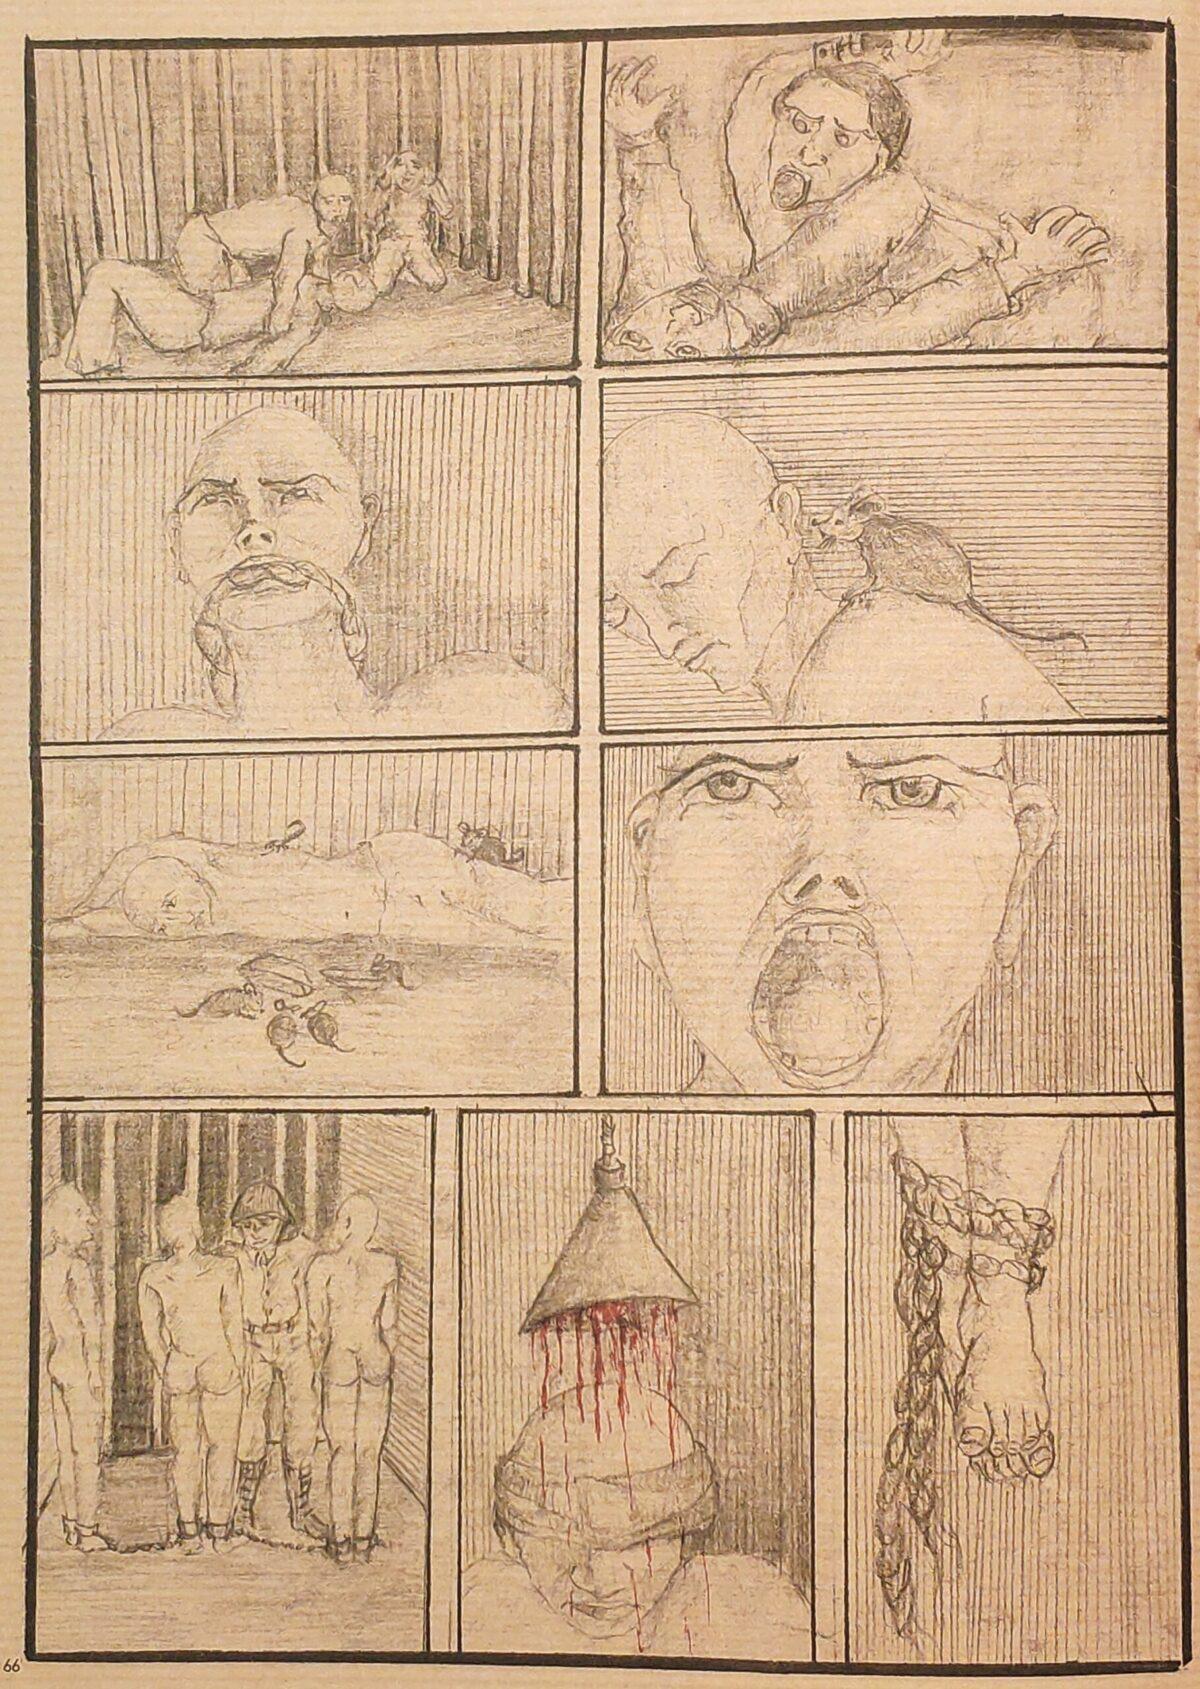 Mio caro fumetto... - Le torture nella Prigione numero 5 di Diyarbakir